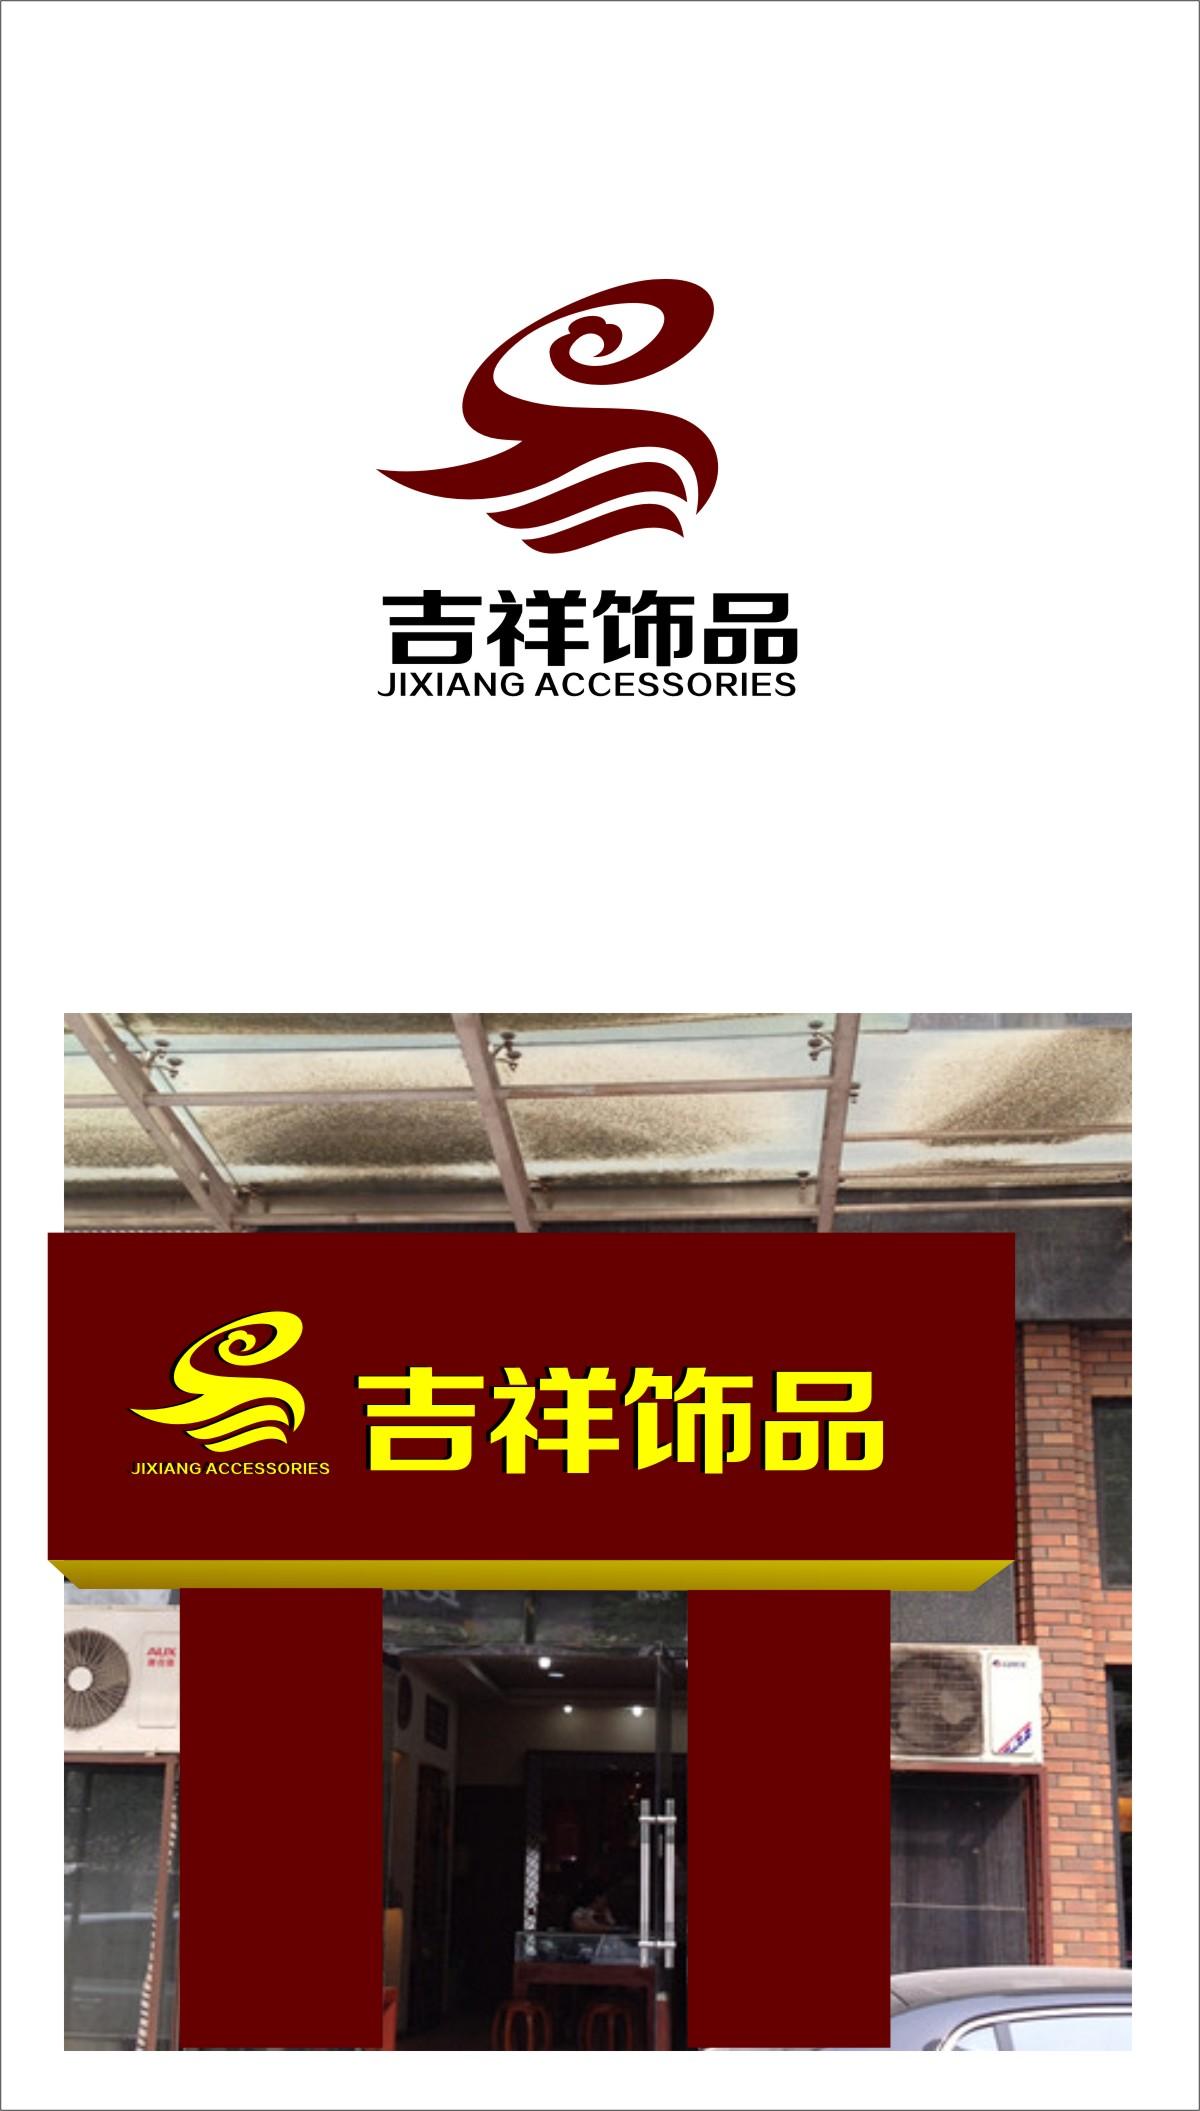 吉祥饰品连锁店logo及门头设计